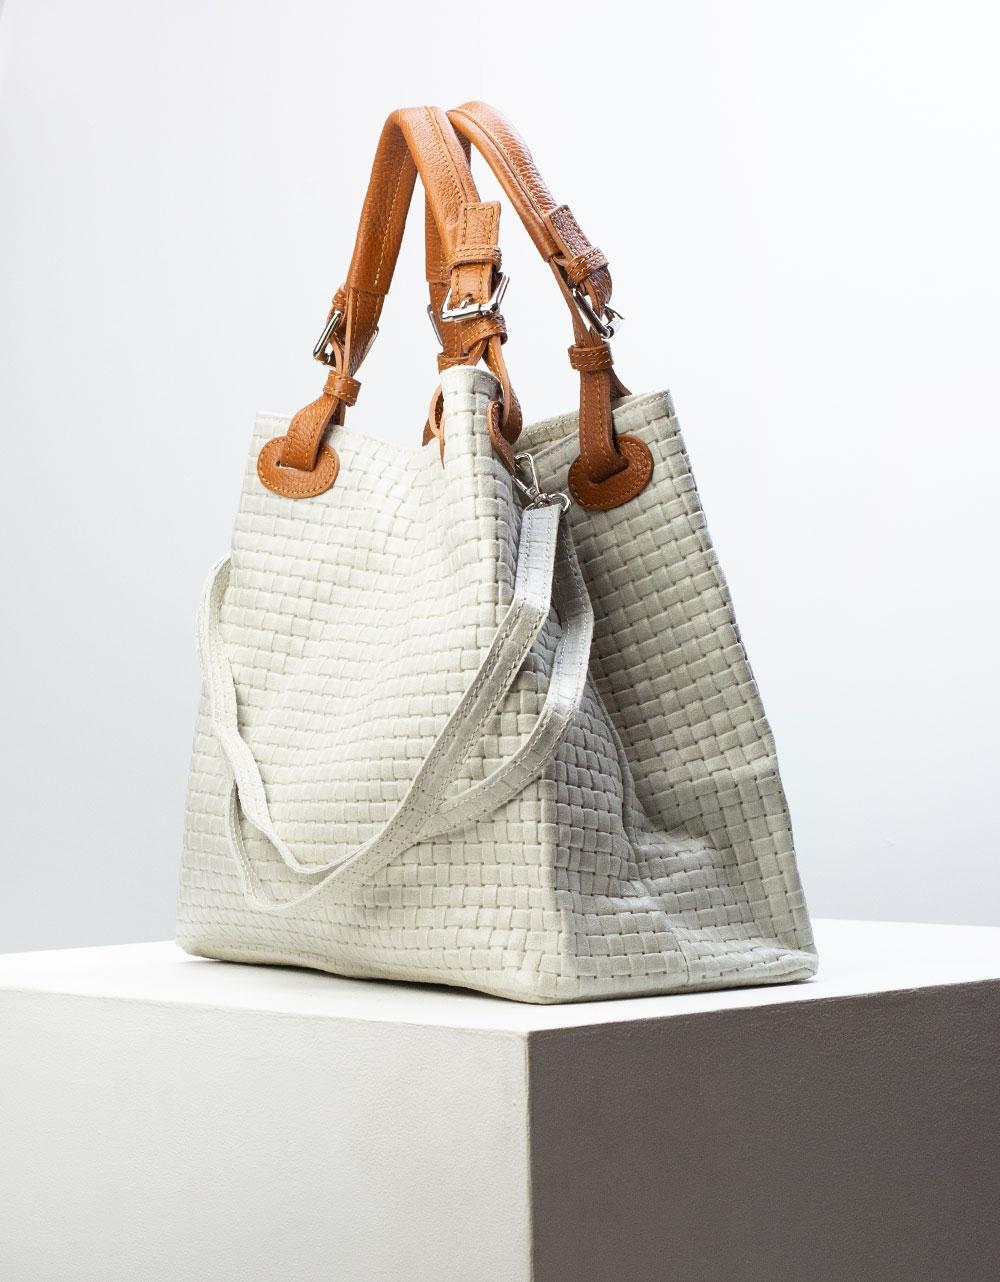 Εικόνα από Γυναικεία τσάντα ώμου από γνήσιο δέρμα με ανάγλυφες λεπτομέρειες Γκρι